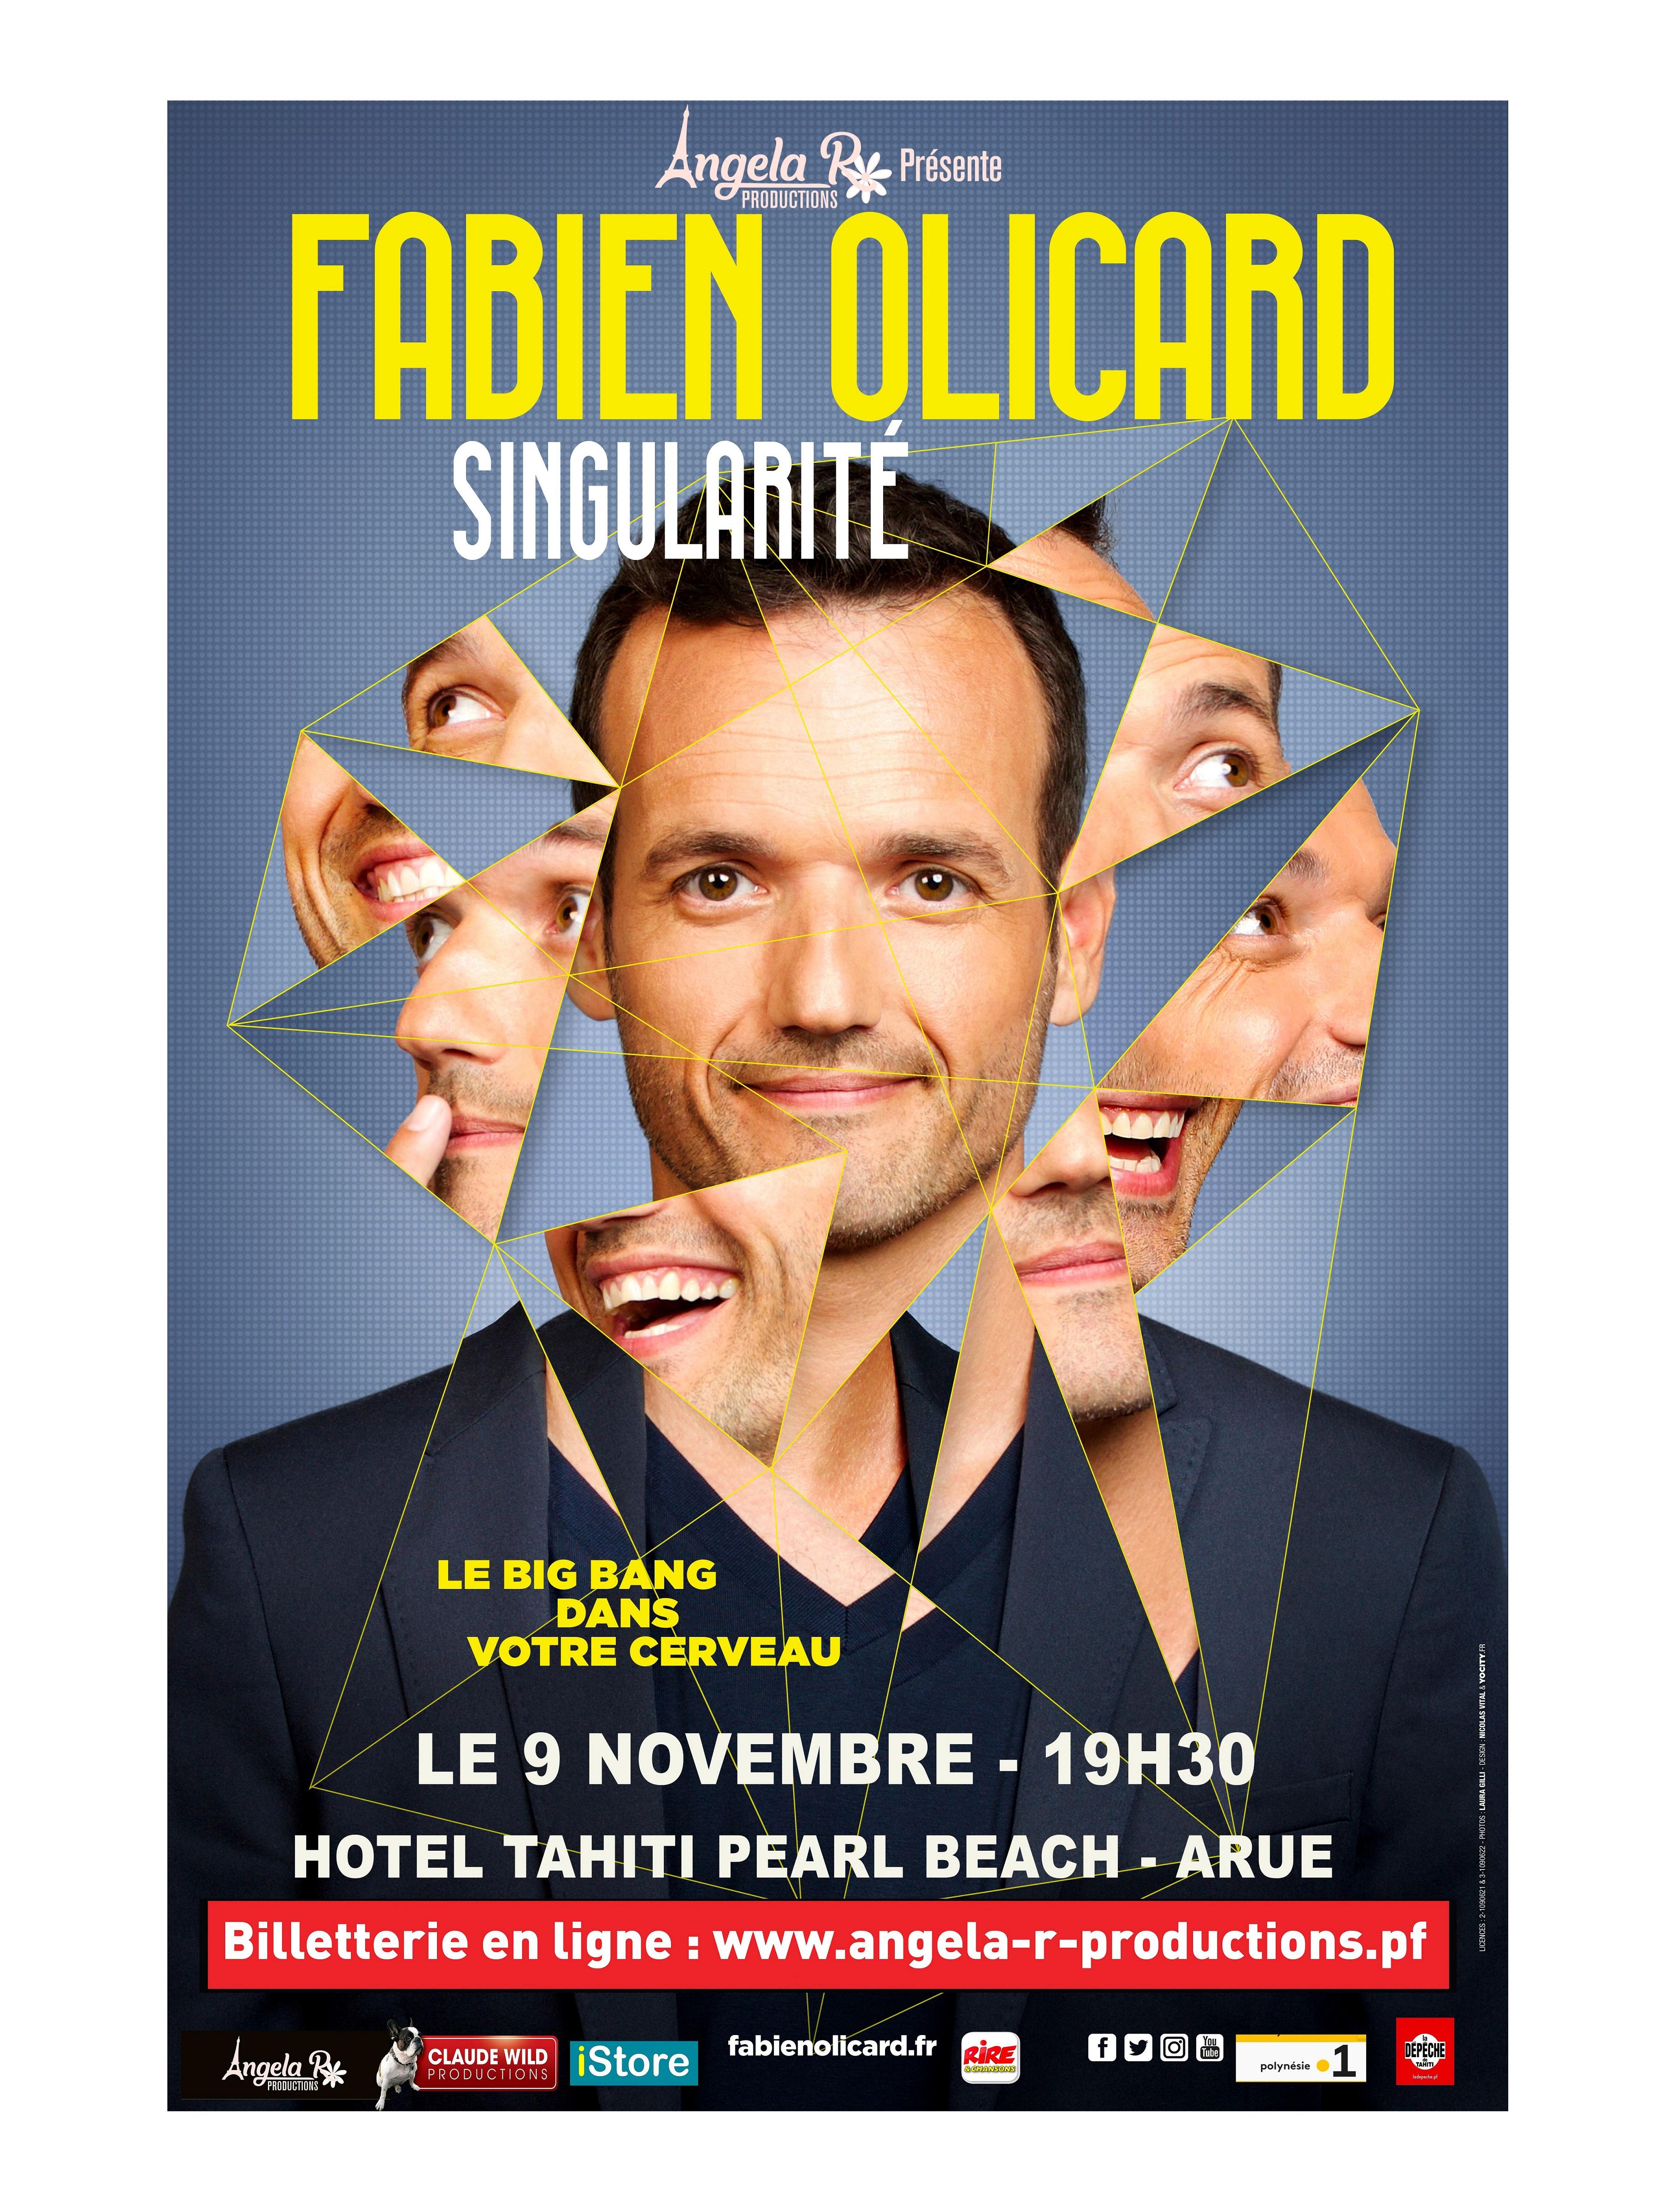 Le Magicien et Mentaliste Fabien Olicard en représentation en Polynésie le 9 novembre